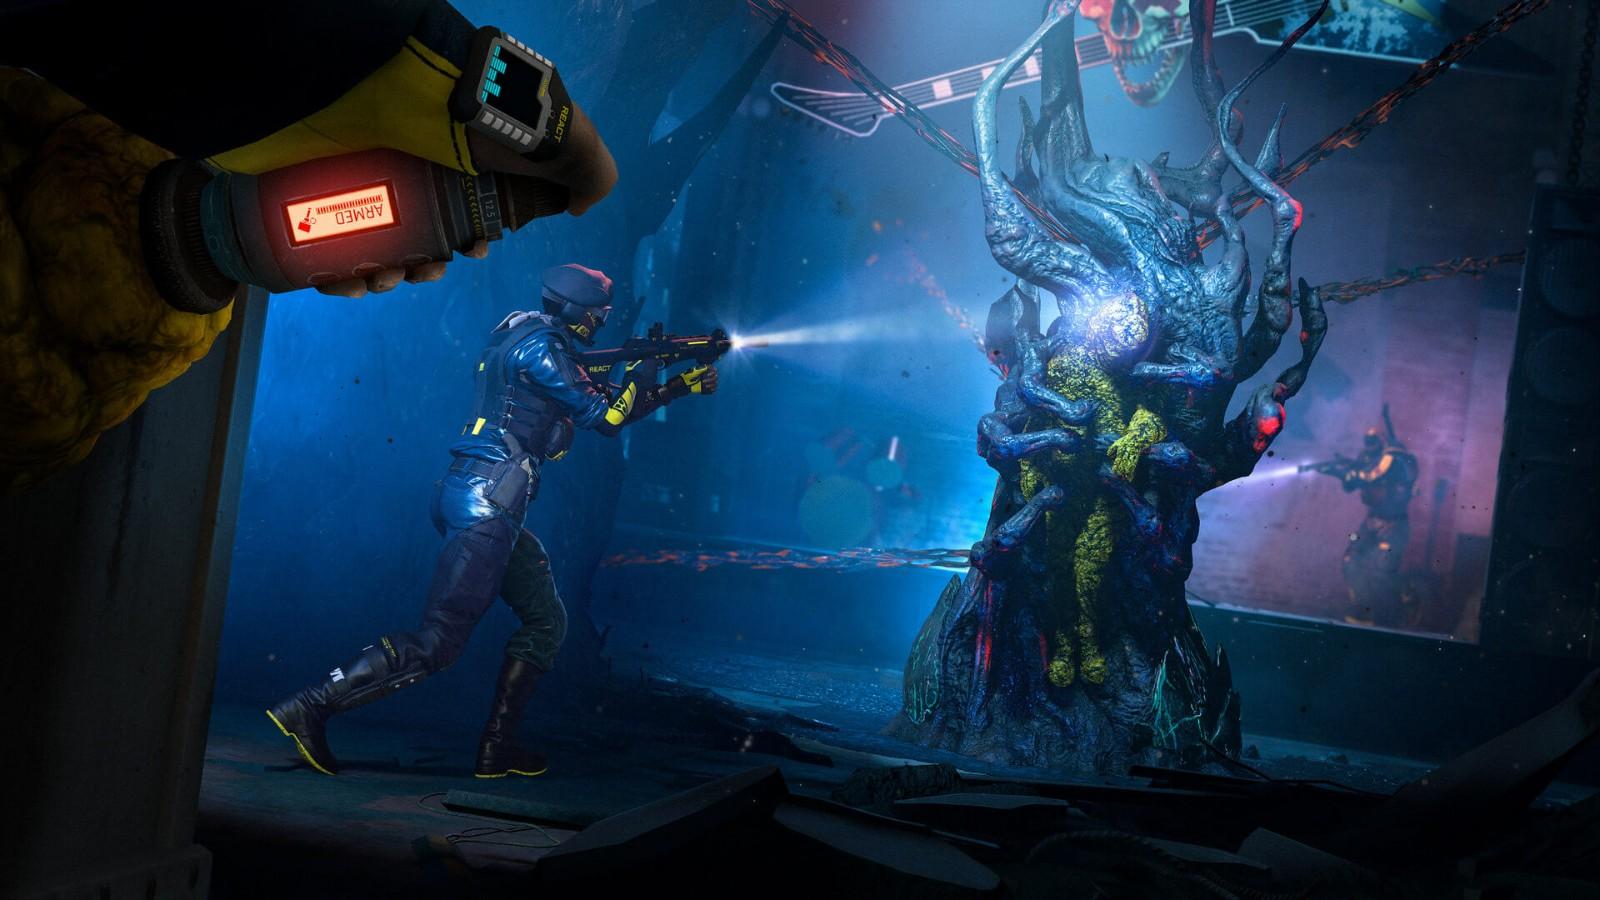 《彩虹六号:异种》总监透露 并非单纯射击更考验战术 游戏资讯 第2张